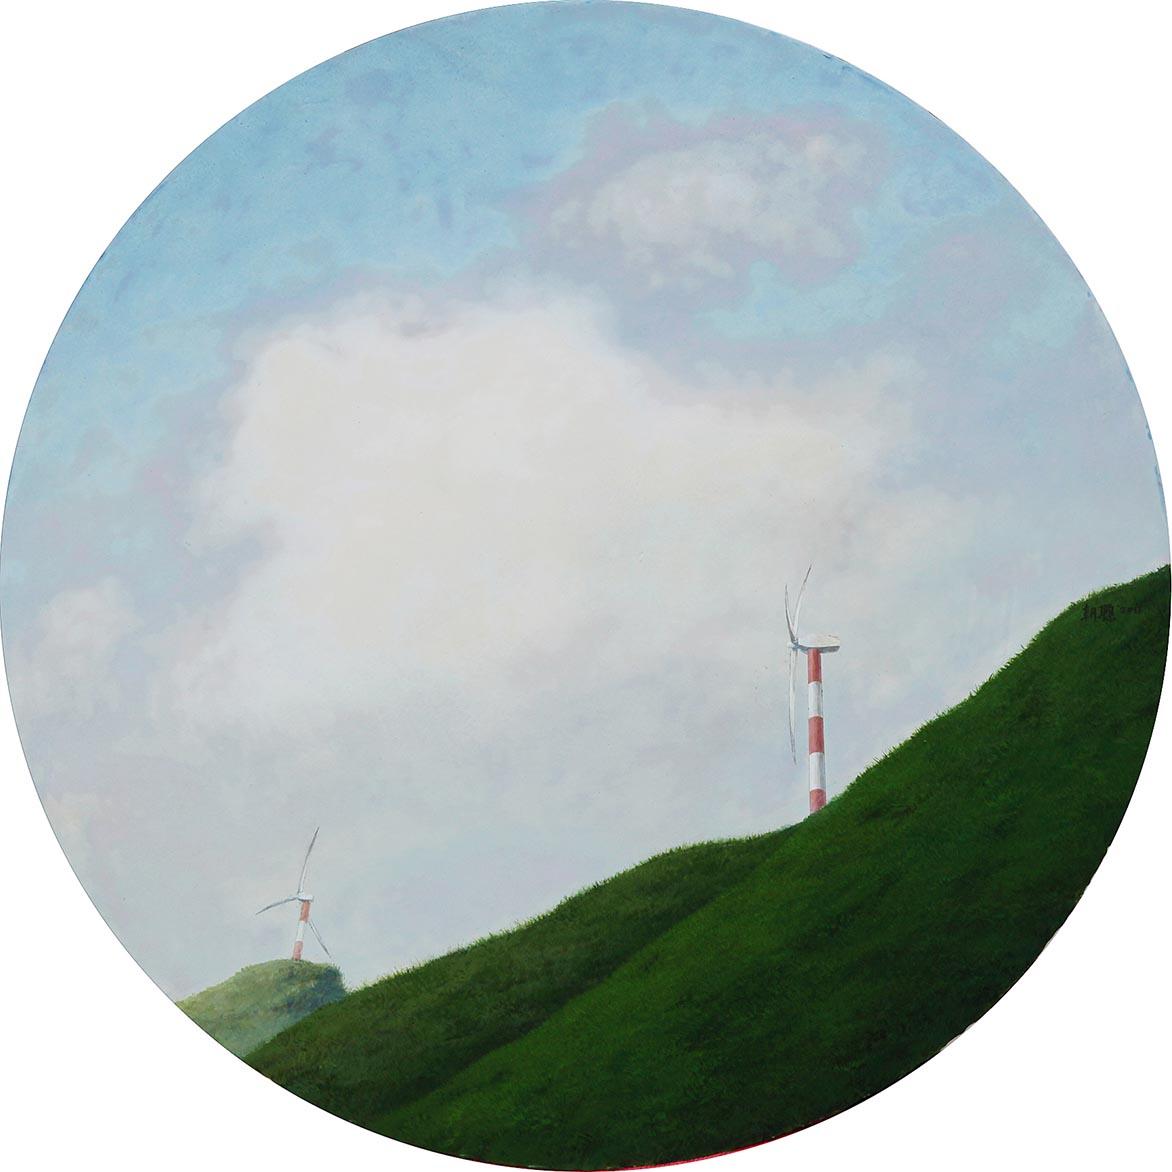 胡朝聪 边缘.轮廓22 2011 压克力、画布板 60.5x60.5cm